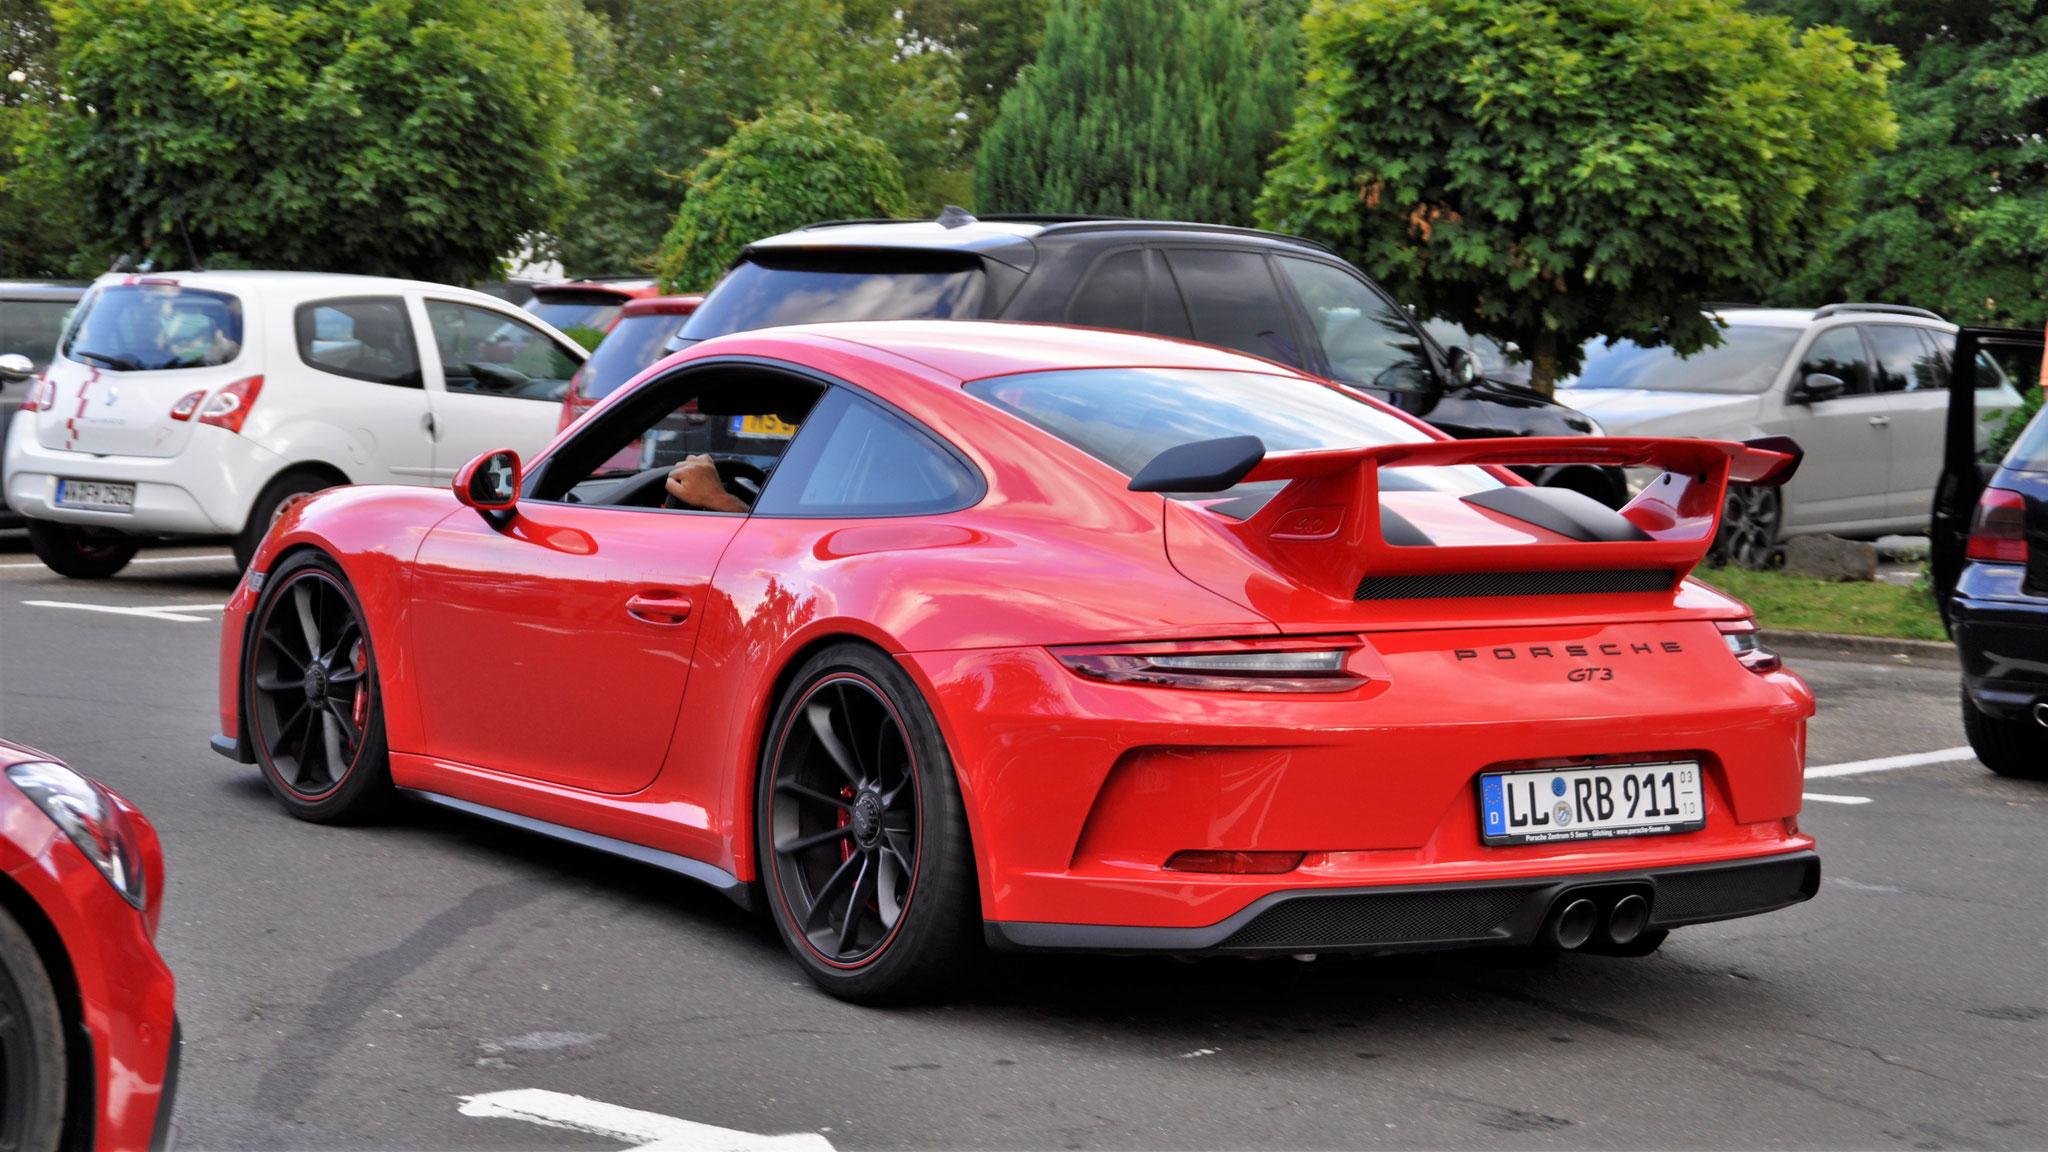 Porsche 991 GT3 - LL-RB-911